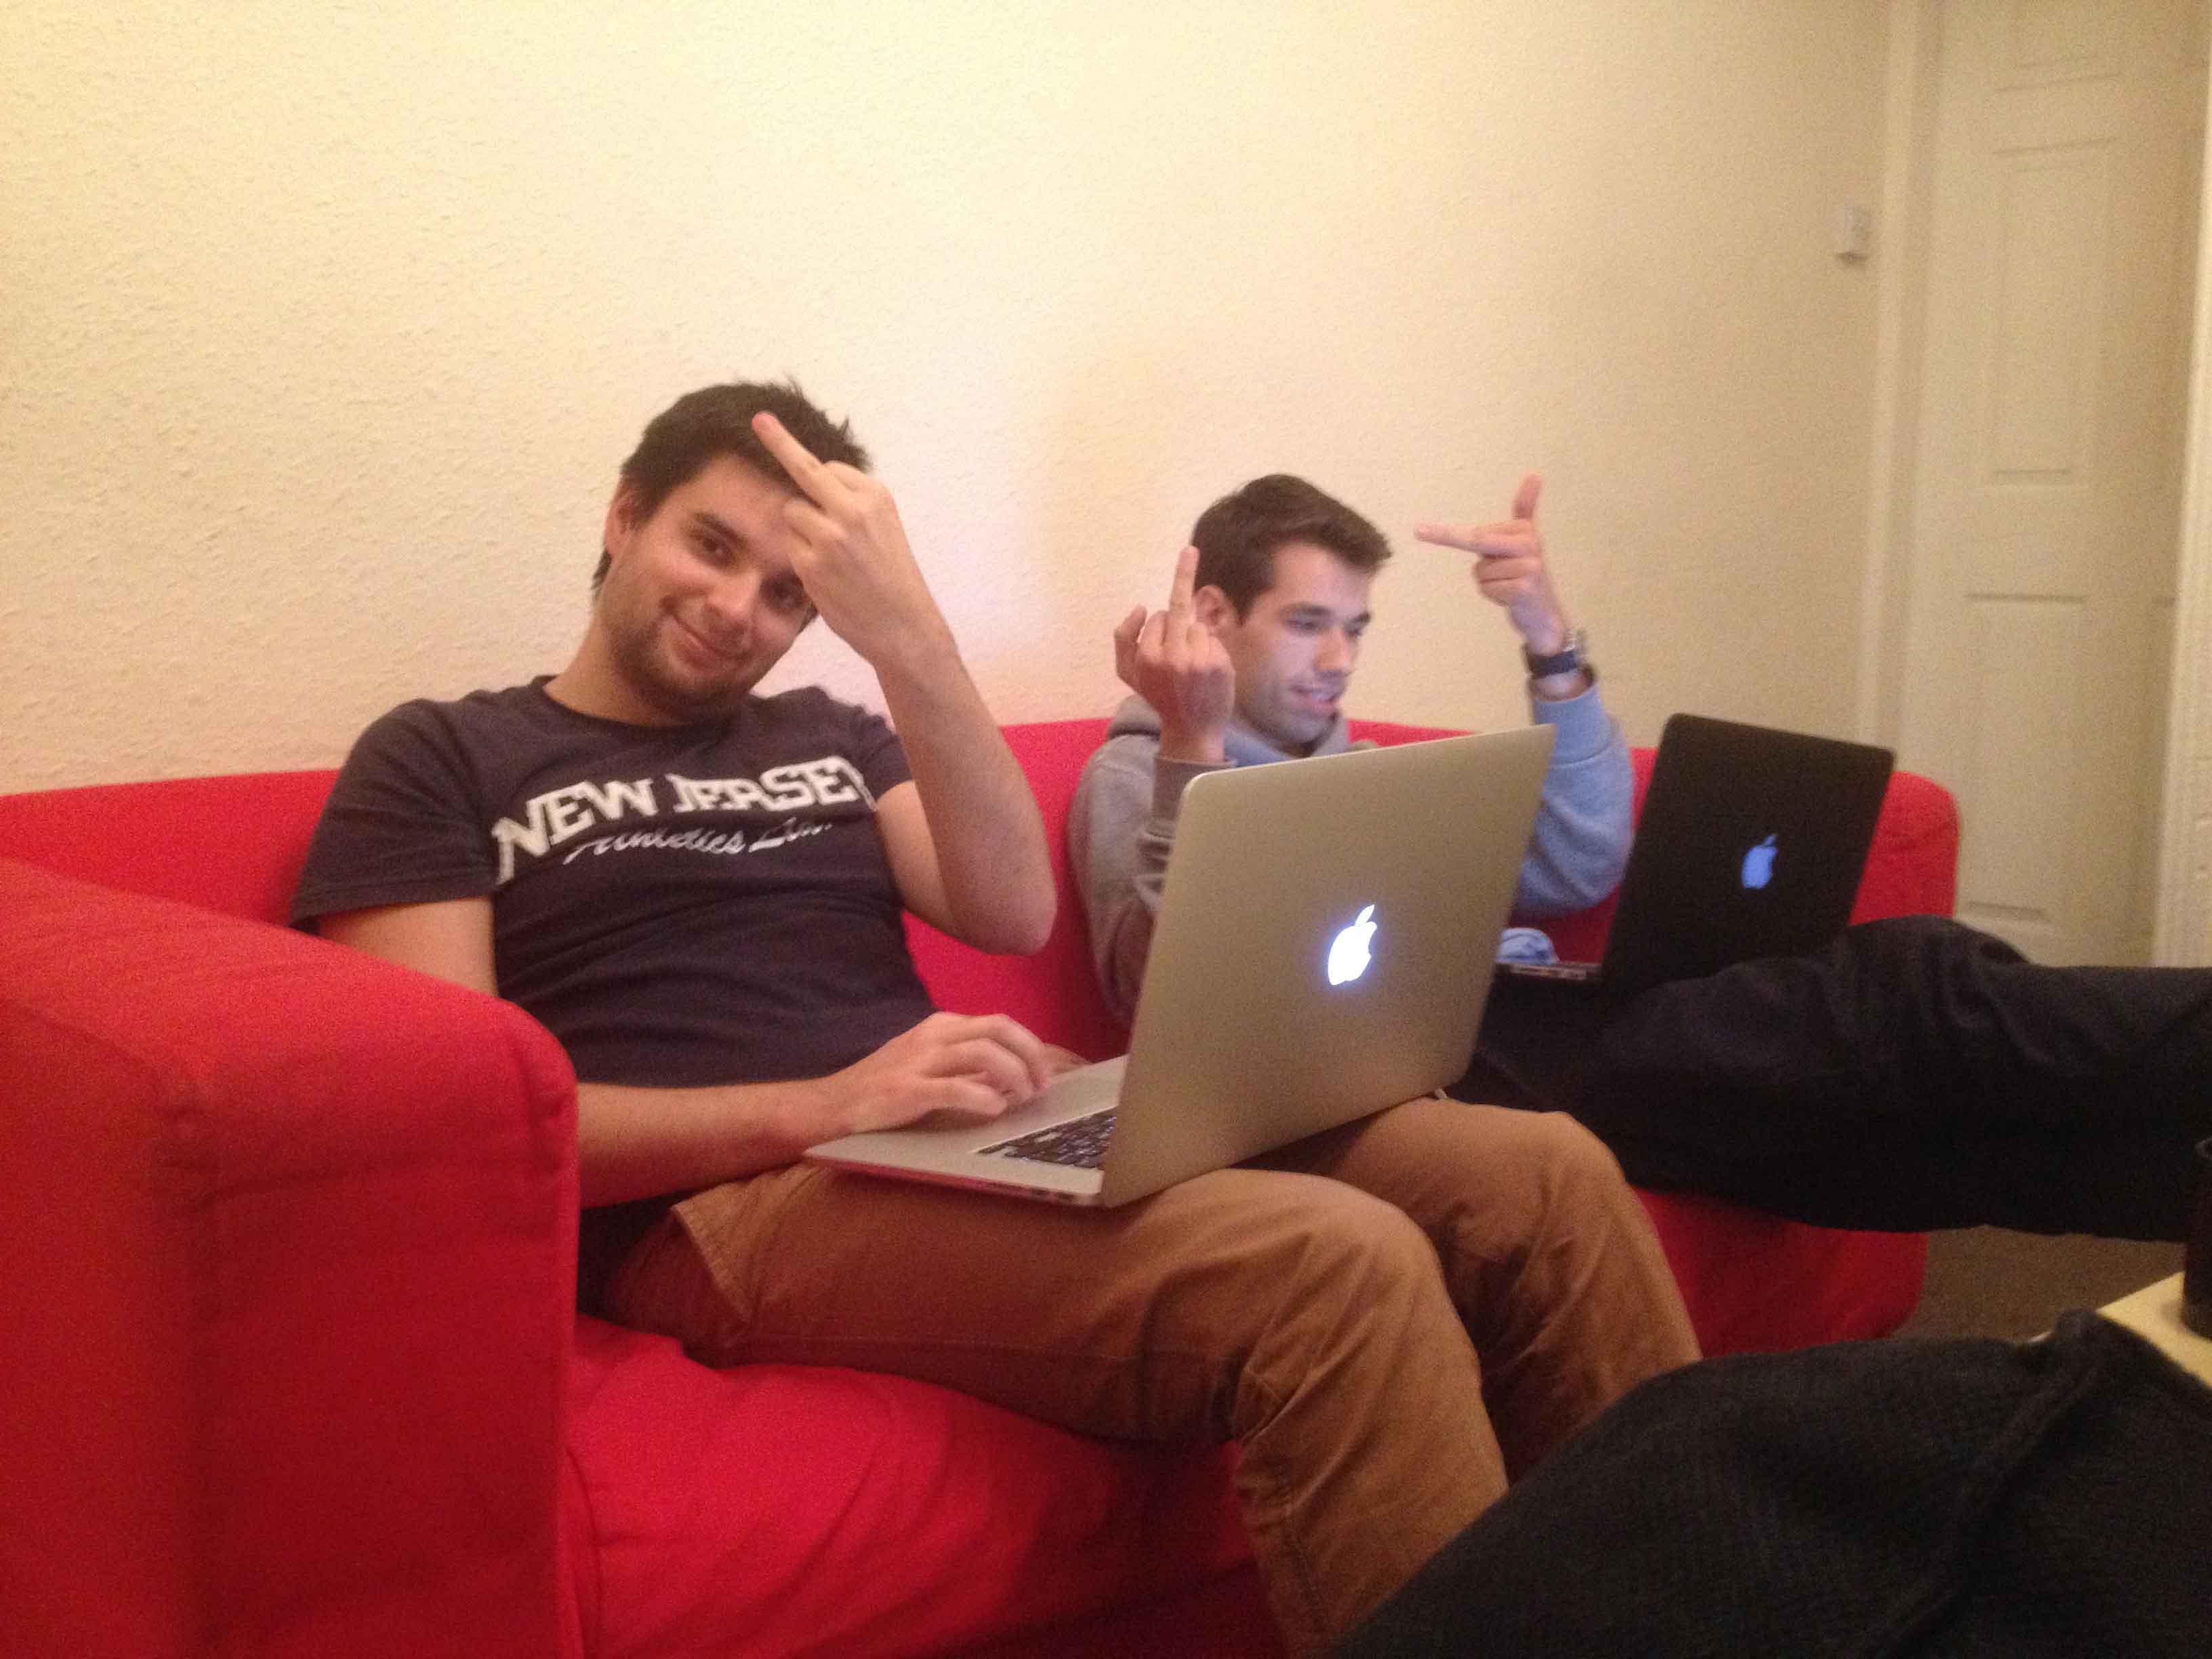 Två personer i en soffa som räcker fingret åt kameran.